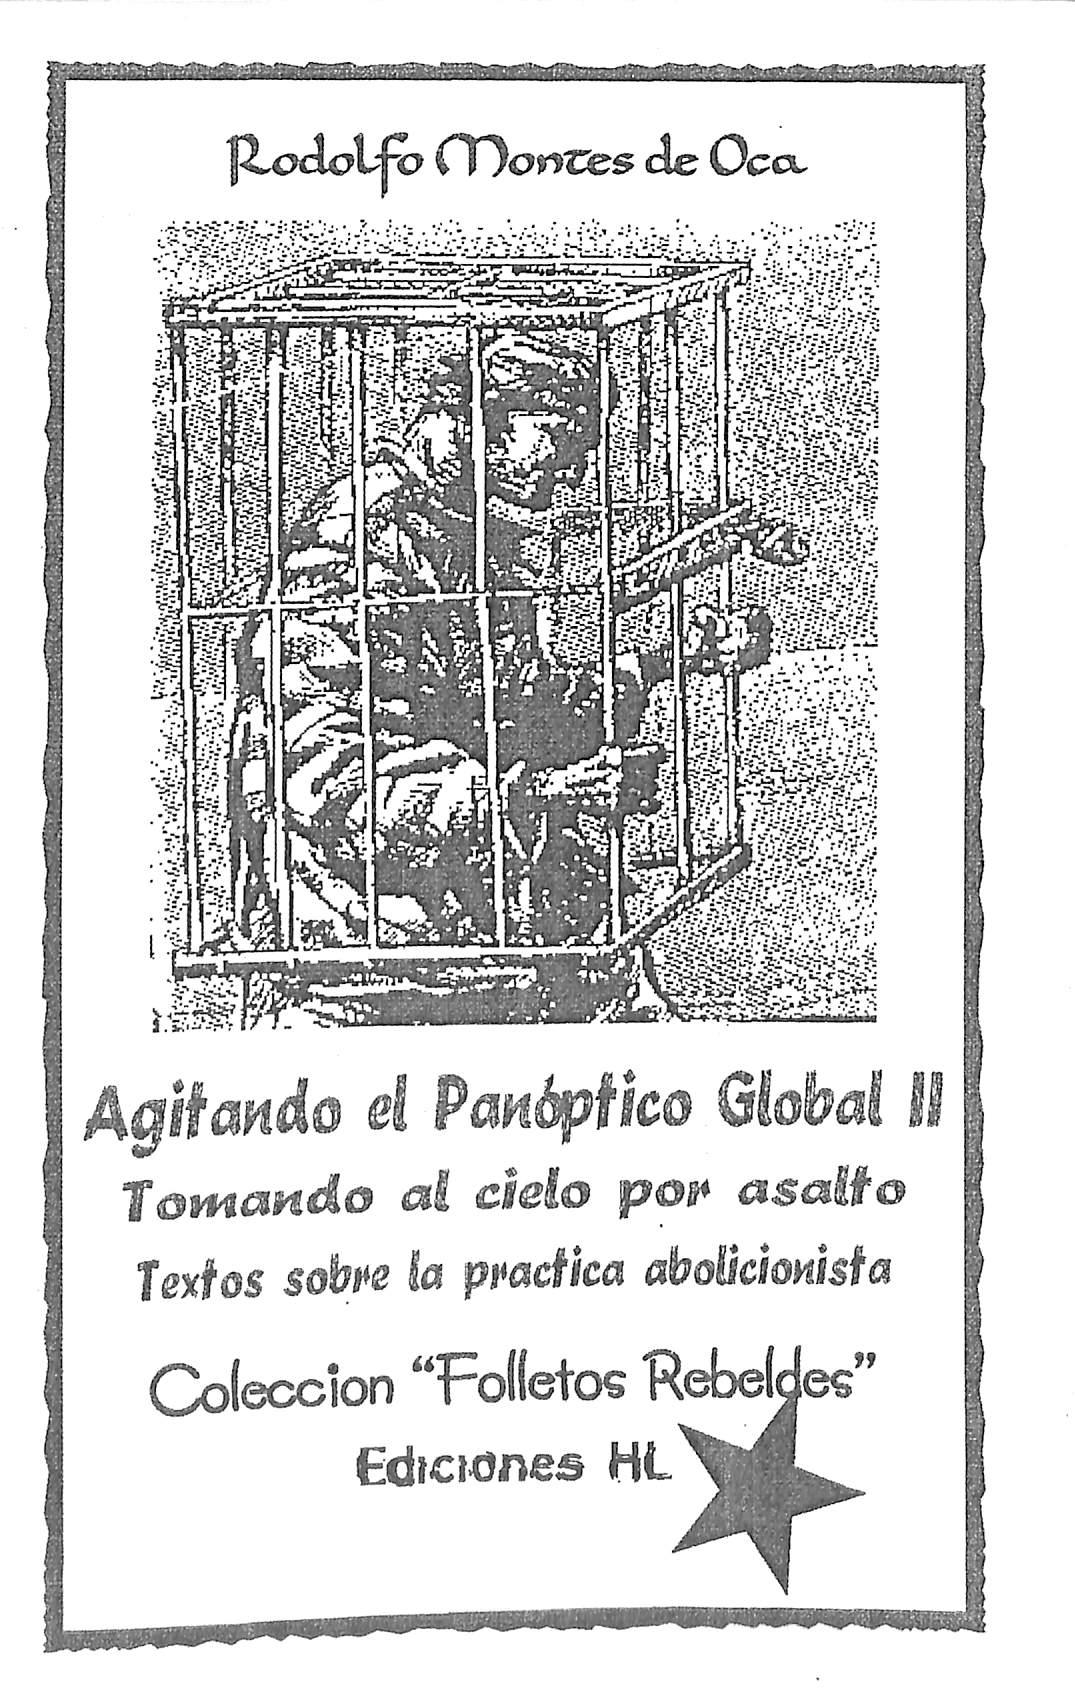 """Agitando el Panóptico Global II - Colección """"Folletos Rebeldes"""""""